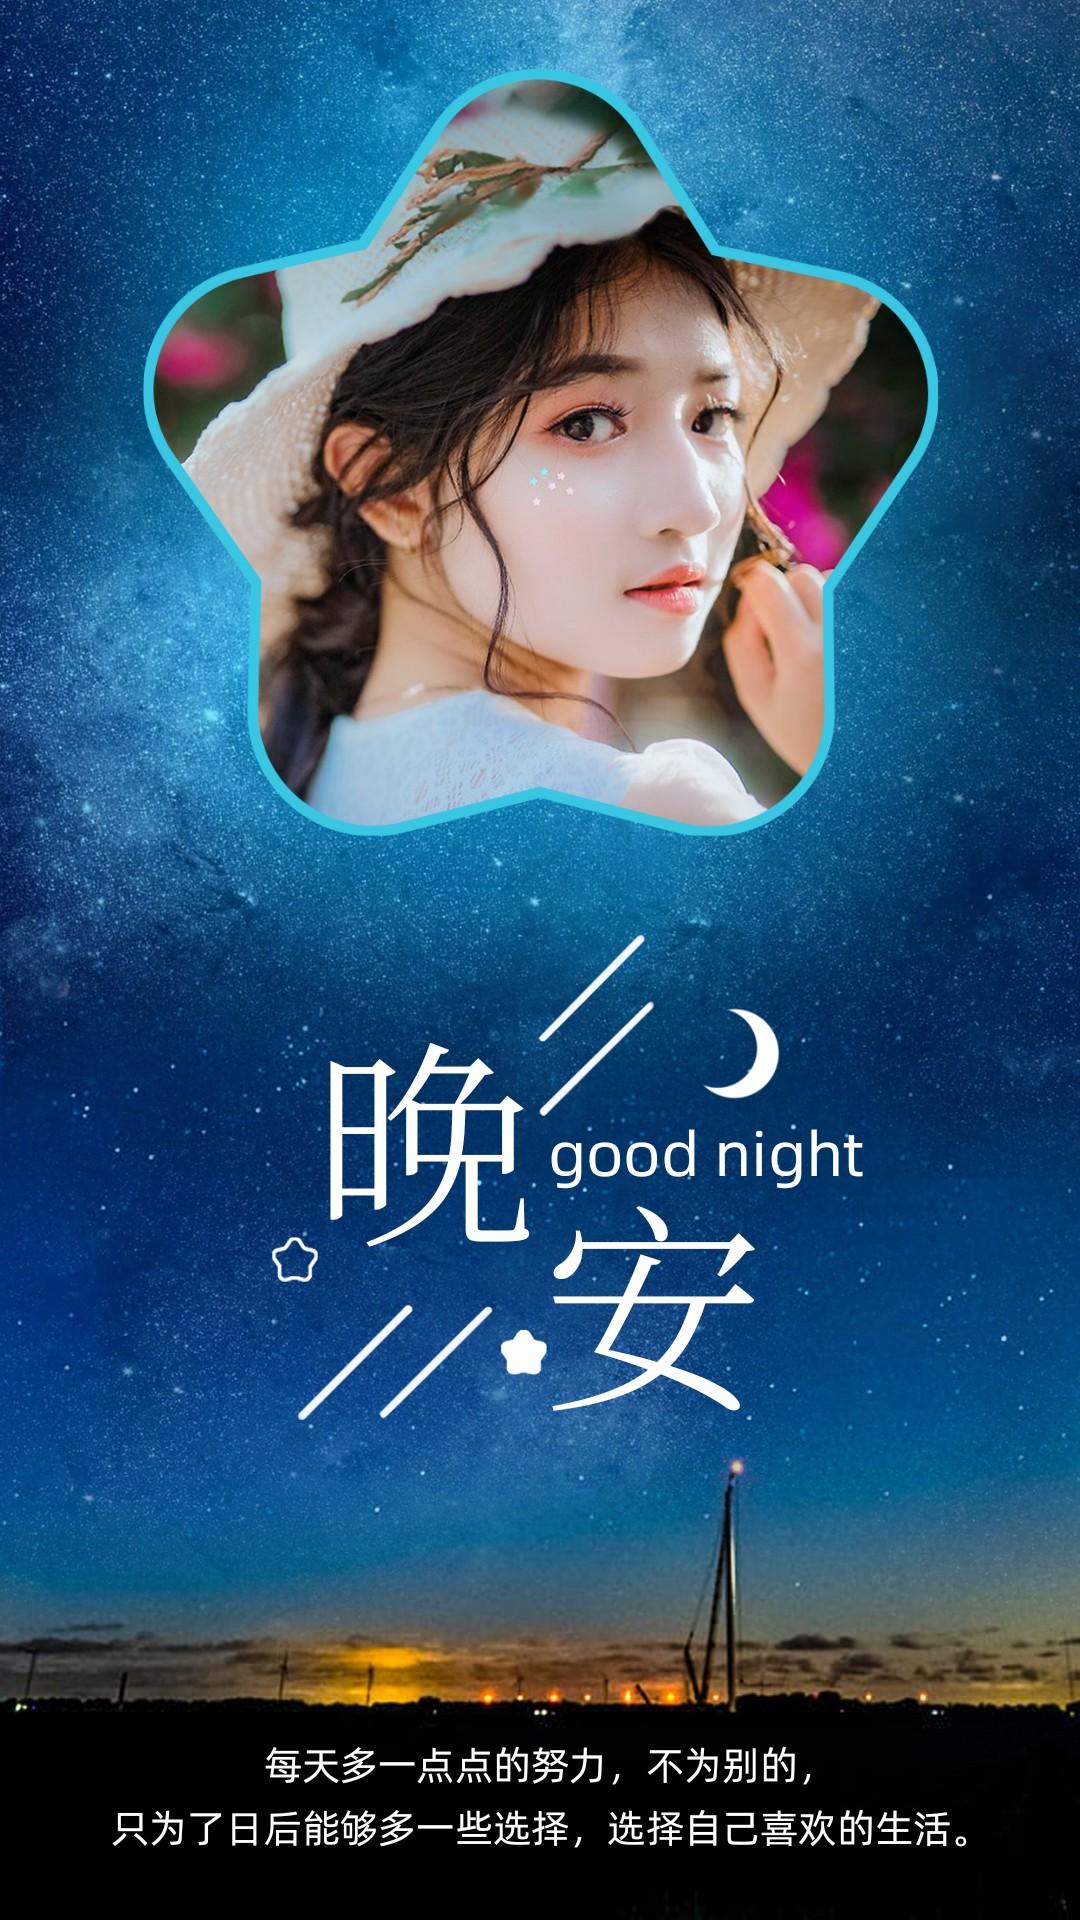 励志早晚安